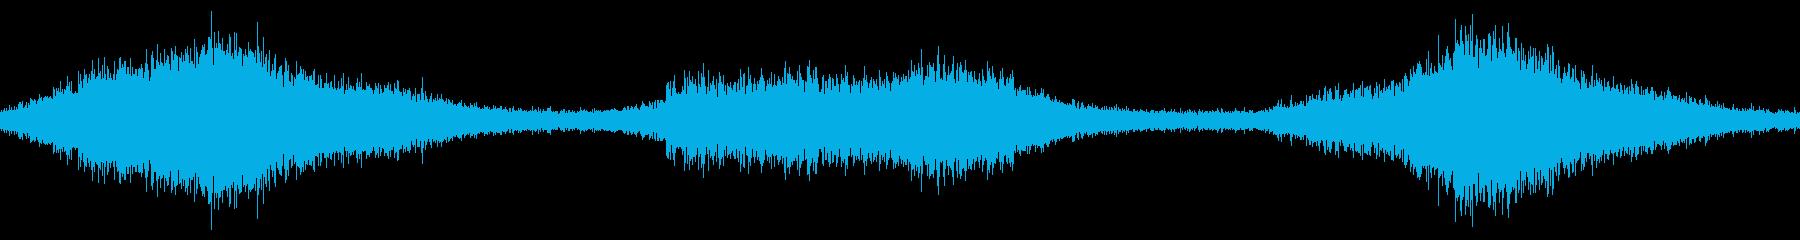 波、中、ビーチループの再生済みの波形